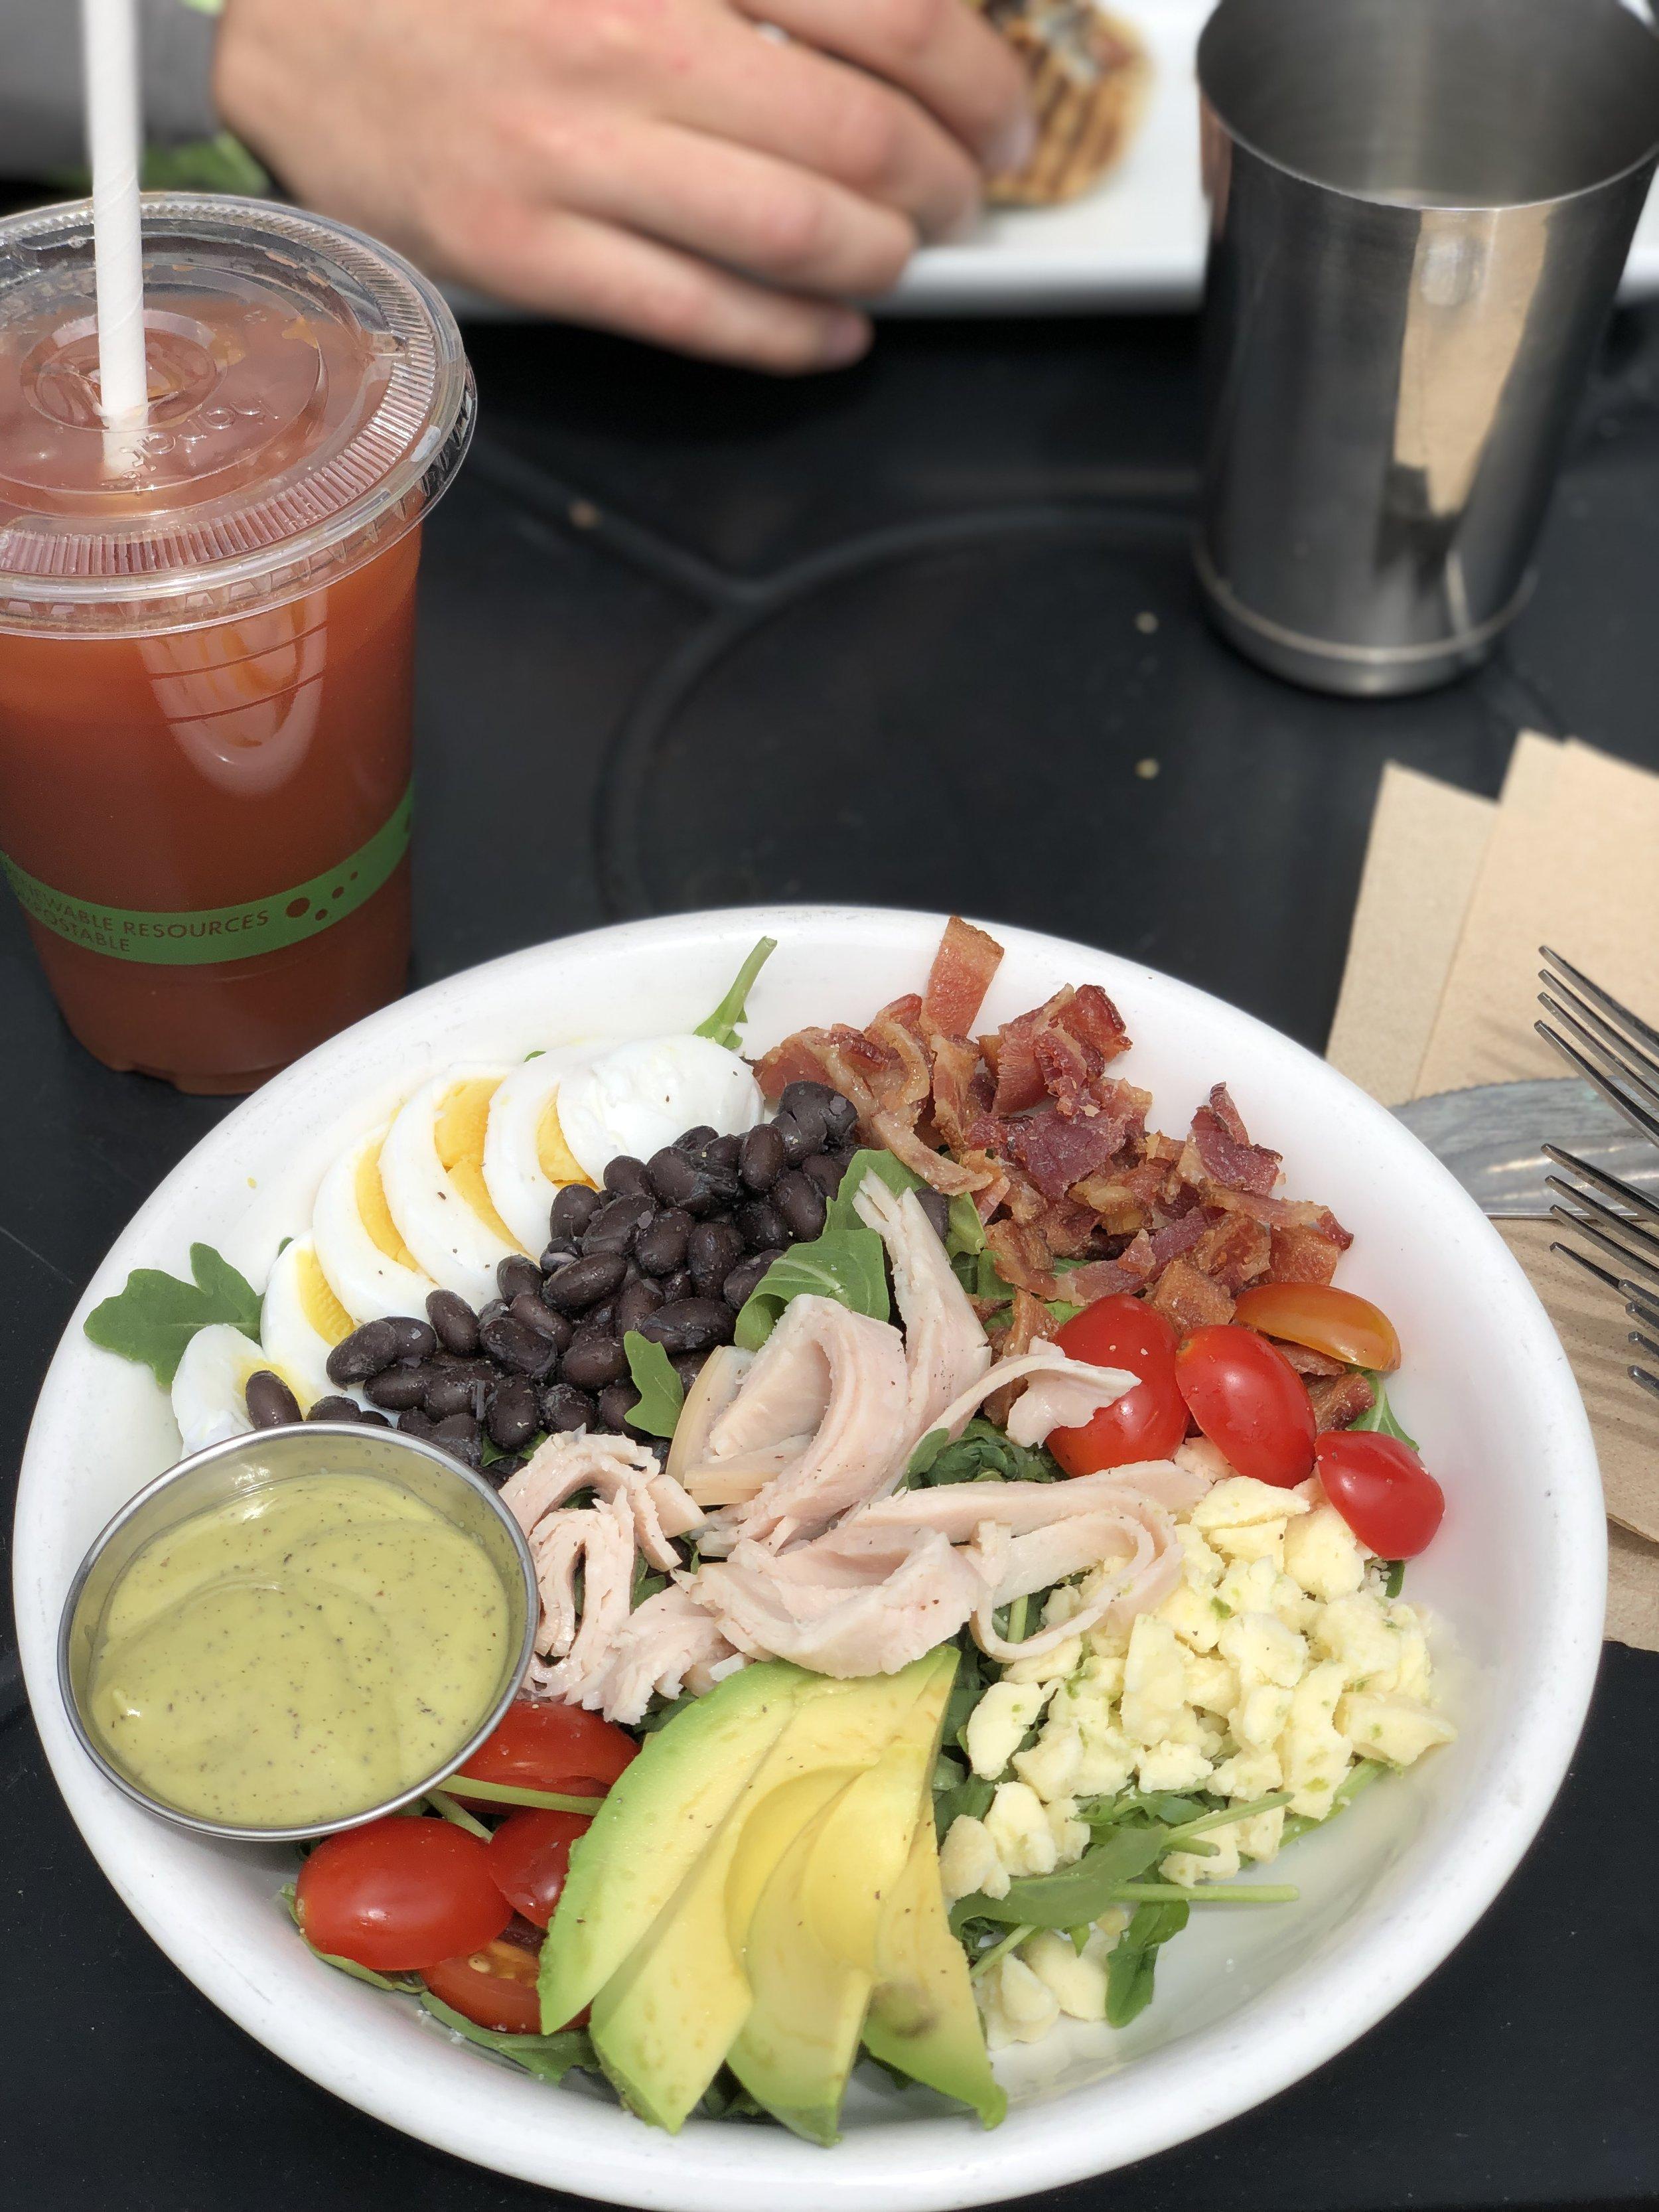 Summer Cobb Salad at CoffeeBar in Truckee.